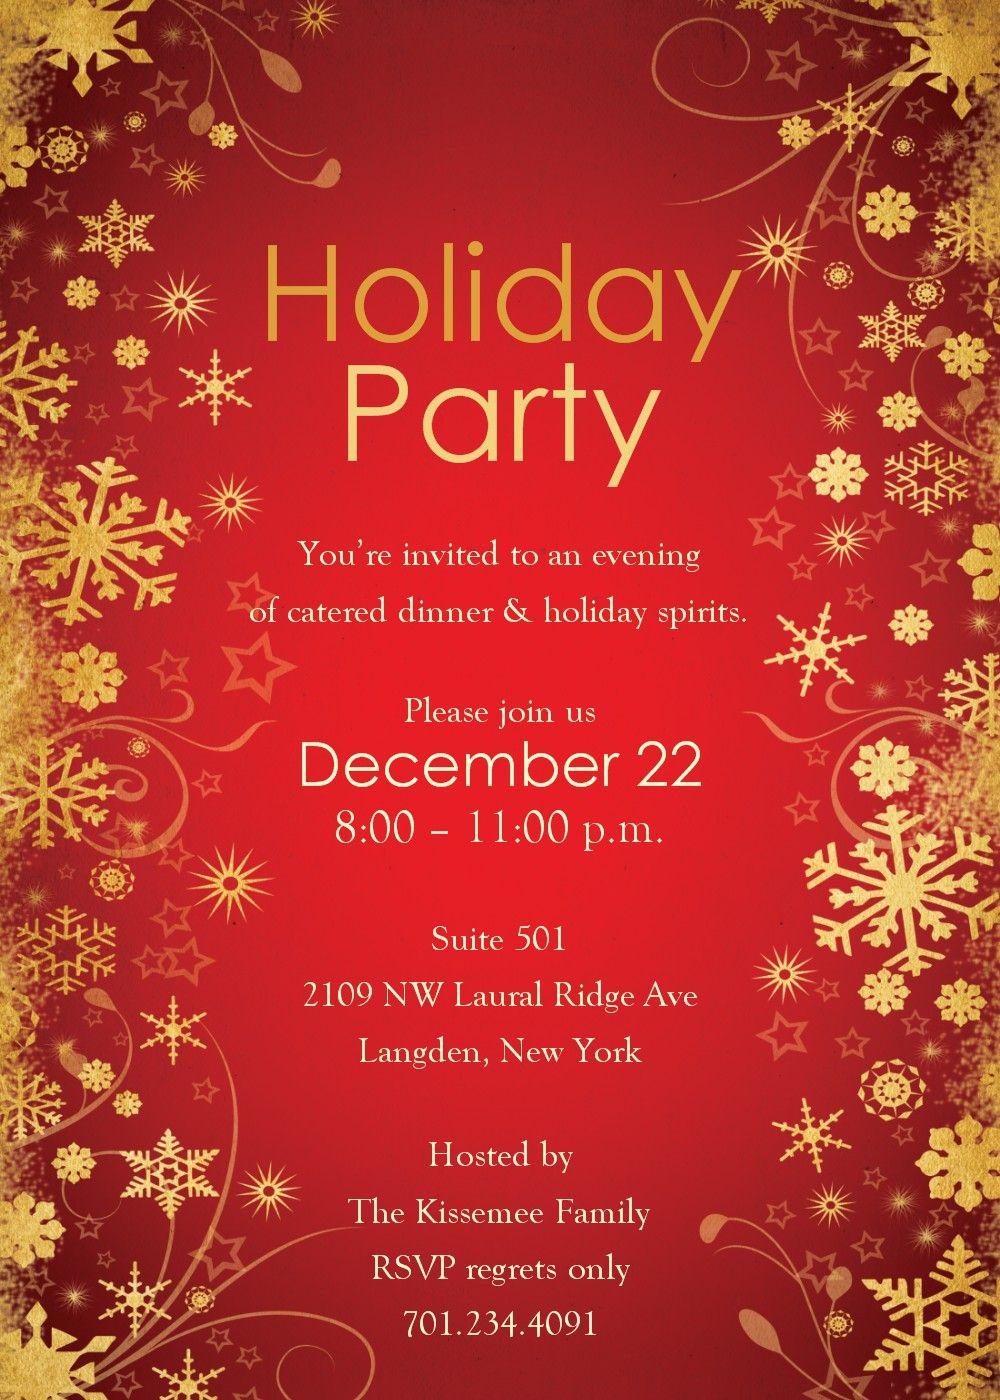 001 Template Ideas Free Holiday Invite ~ Ulyssesroom - Holiday Invitations Free Printable